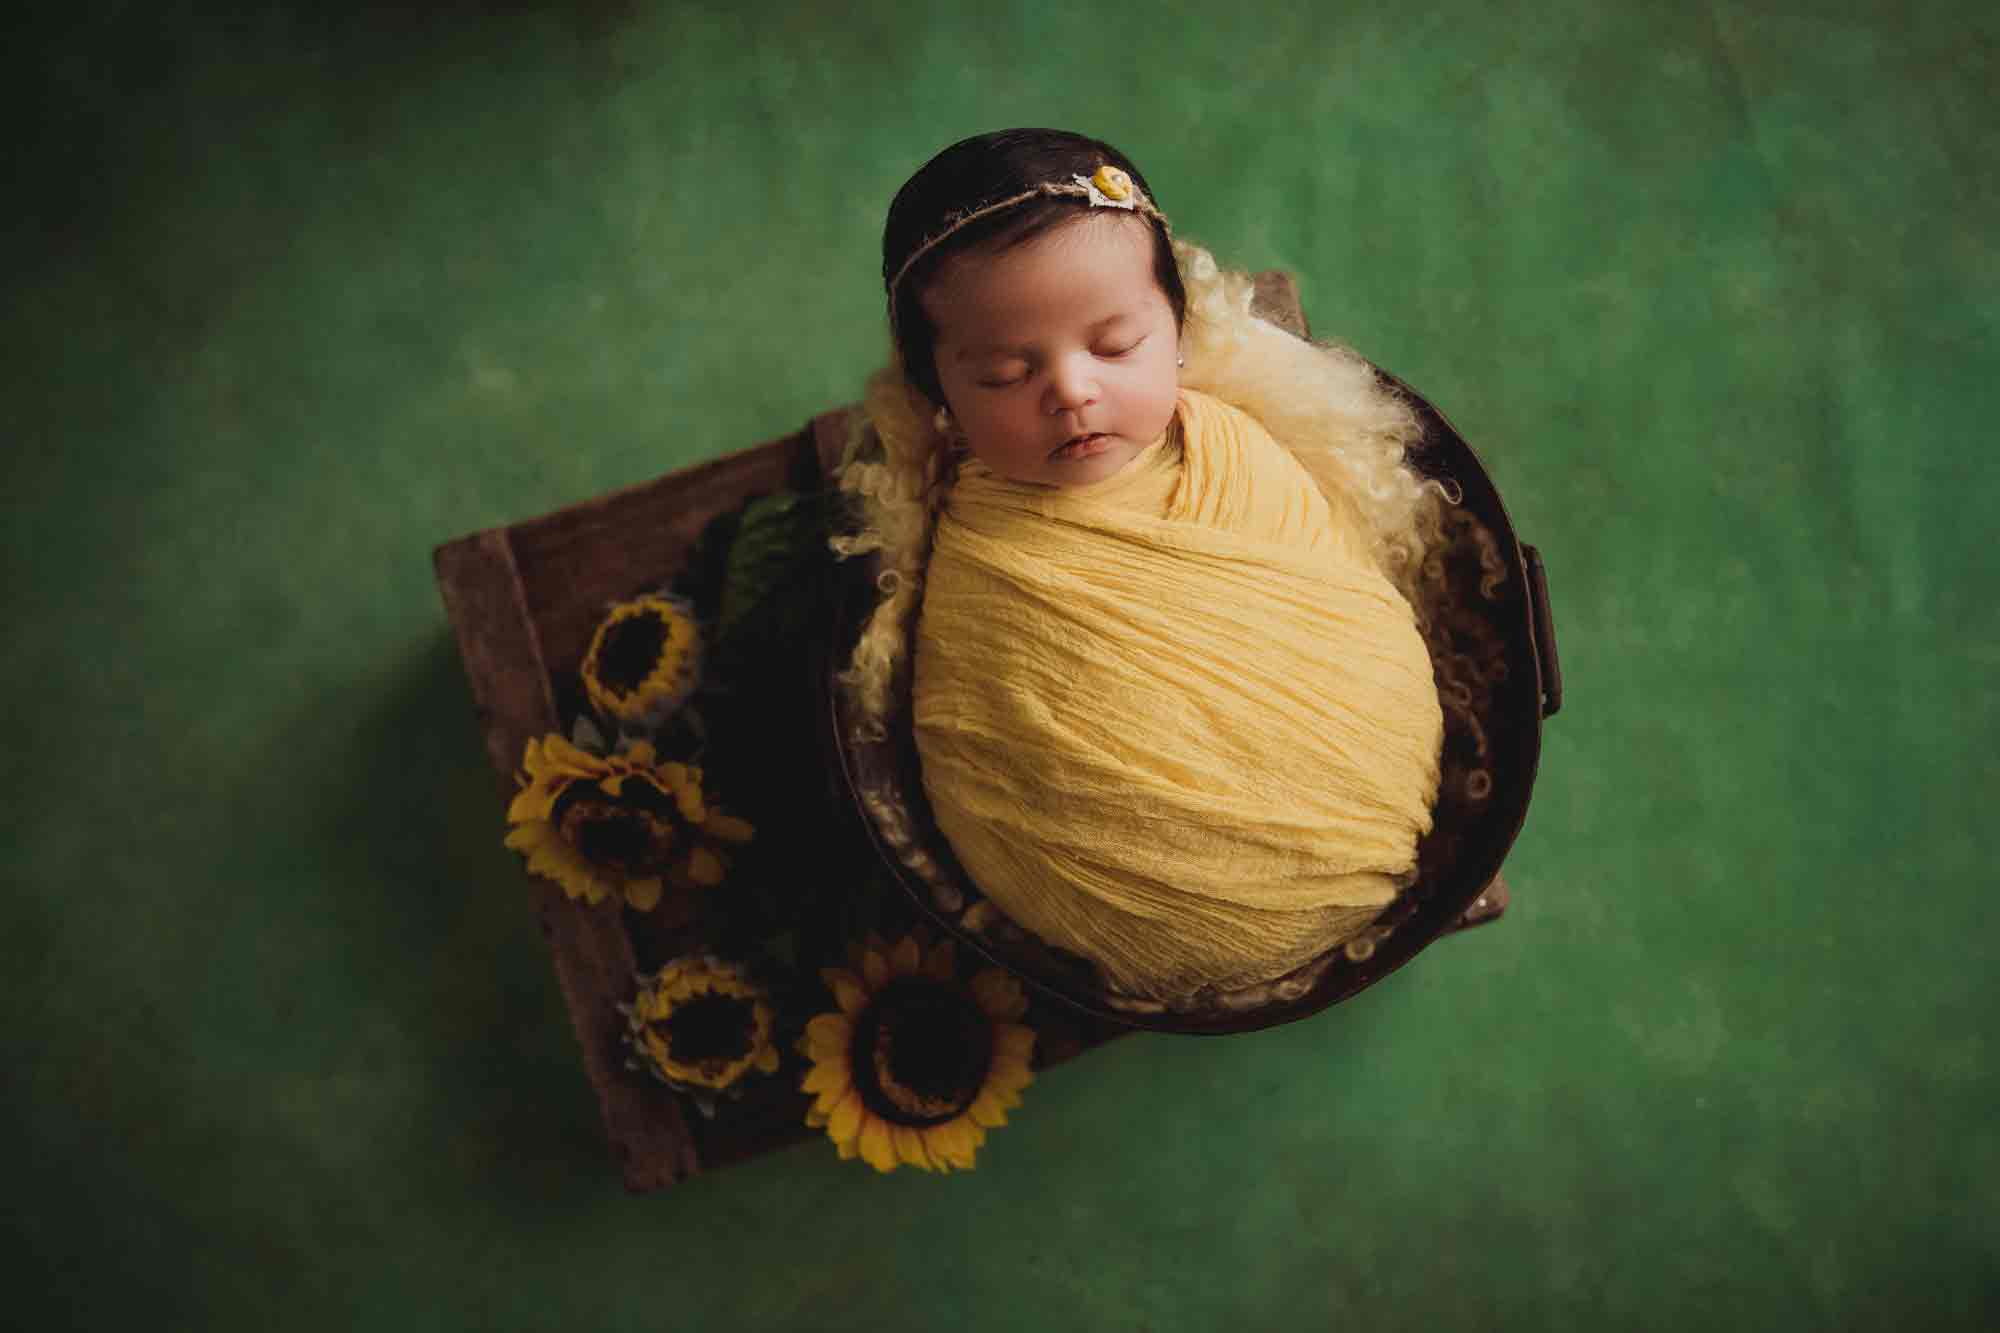 sergio-moreno-fabrica-de-suenos--cursos-de-fotografia-de-recien-nacidos-newborns-fotofest16